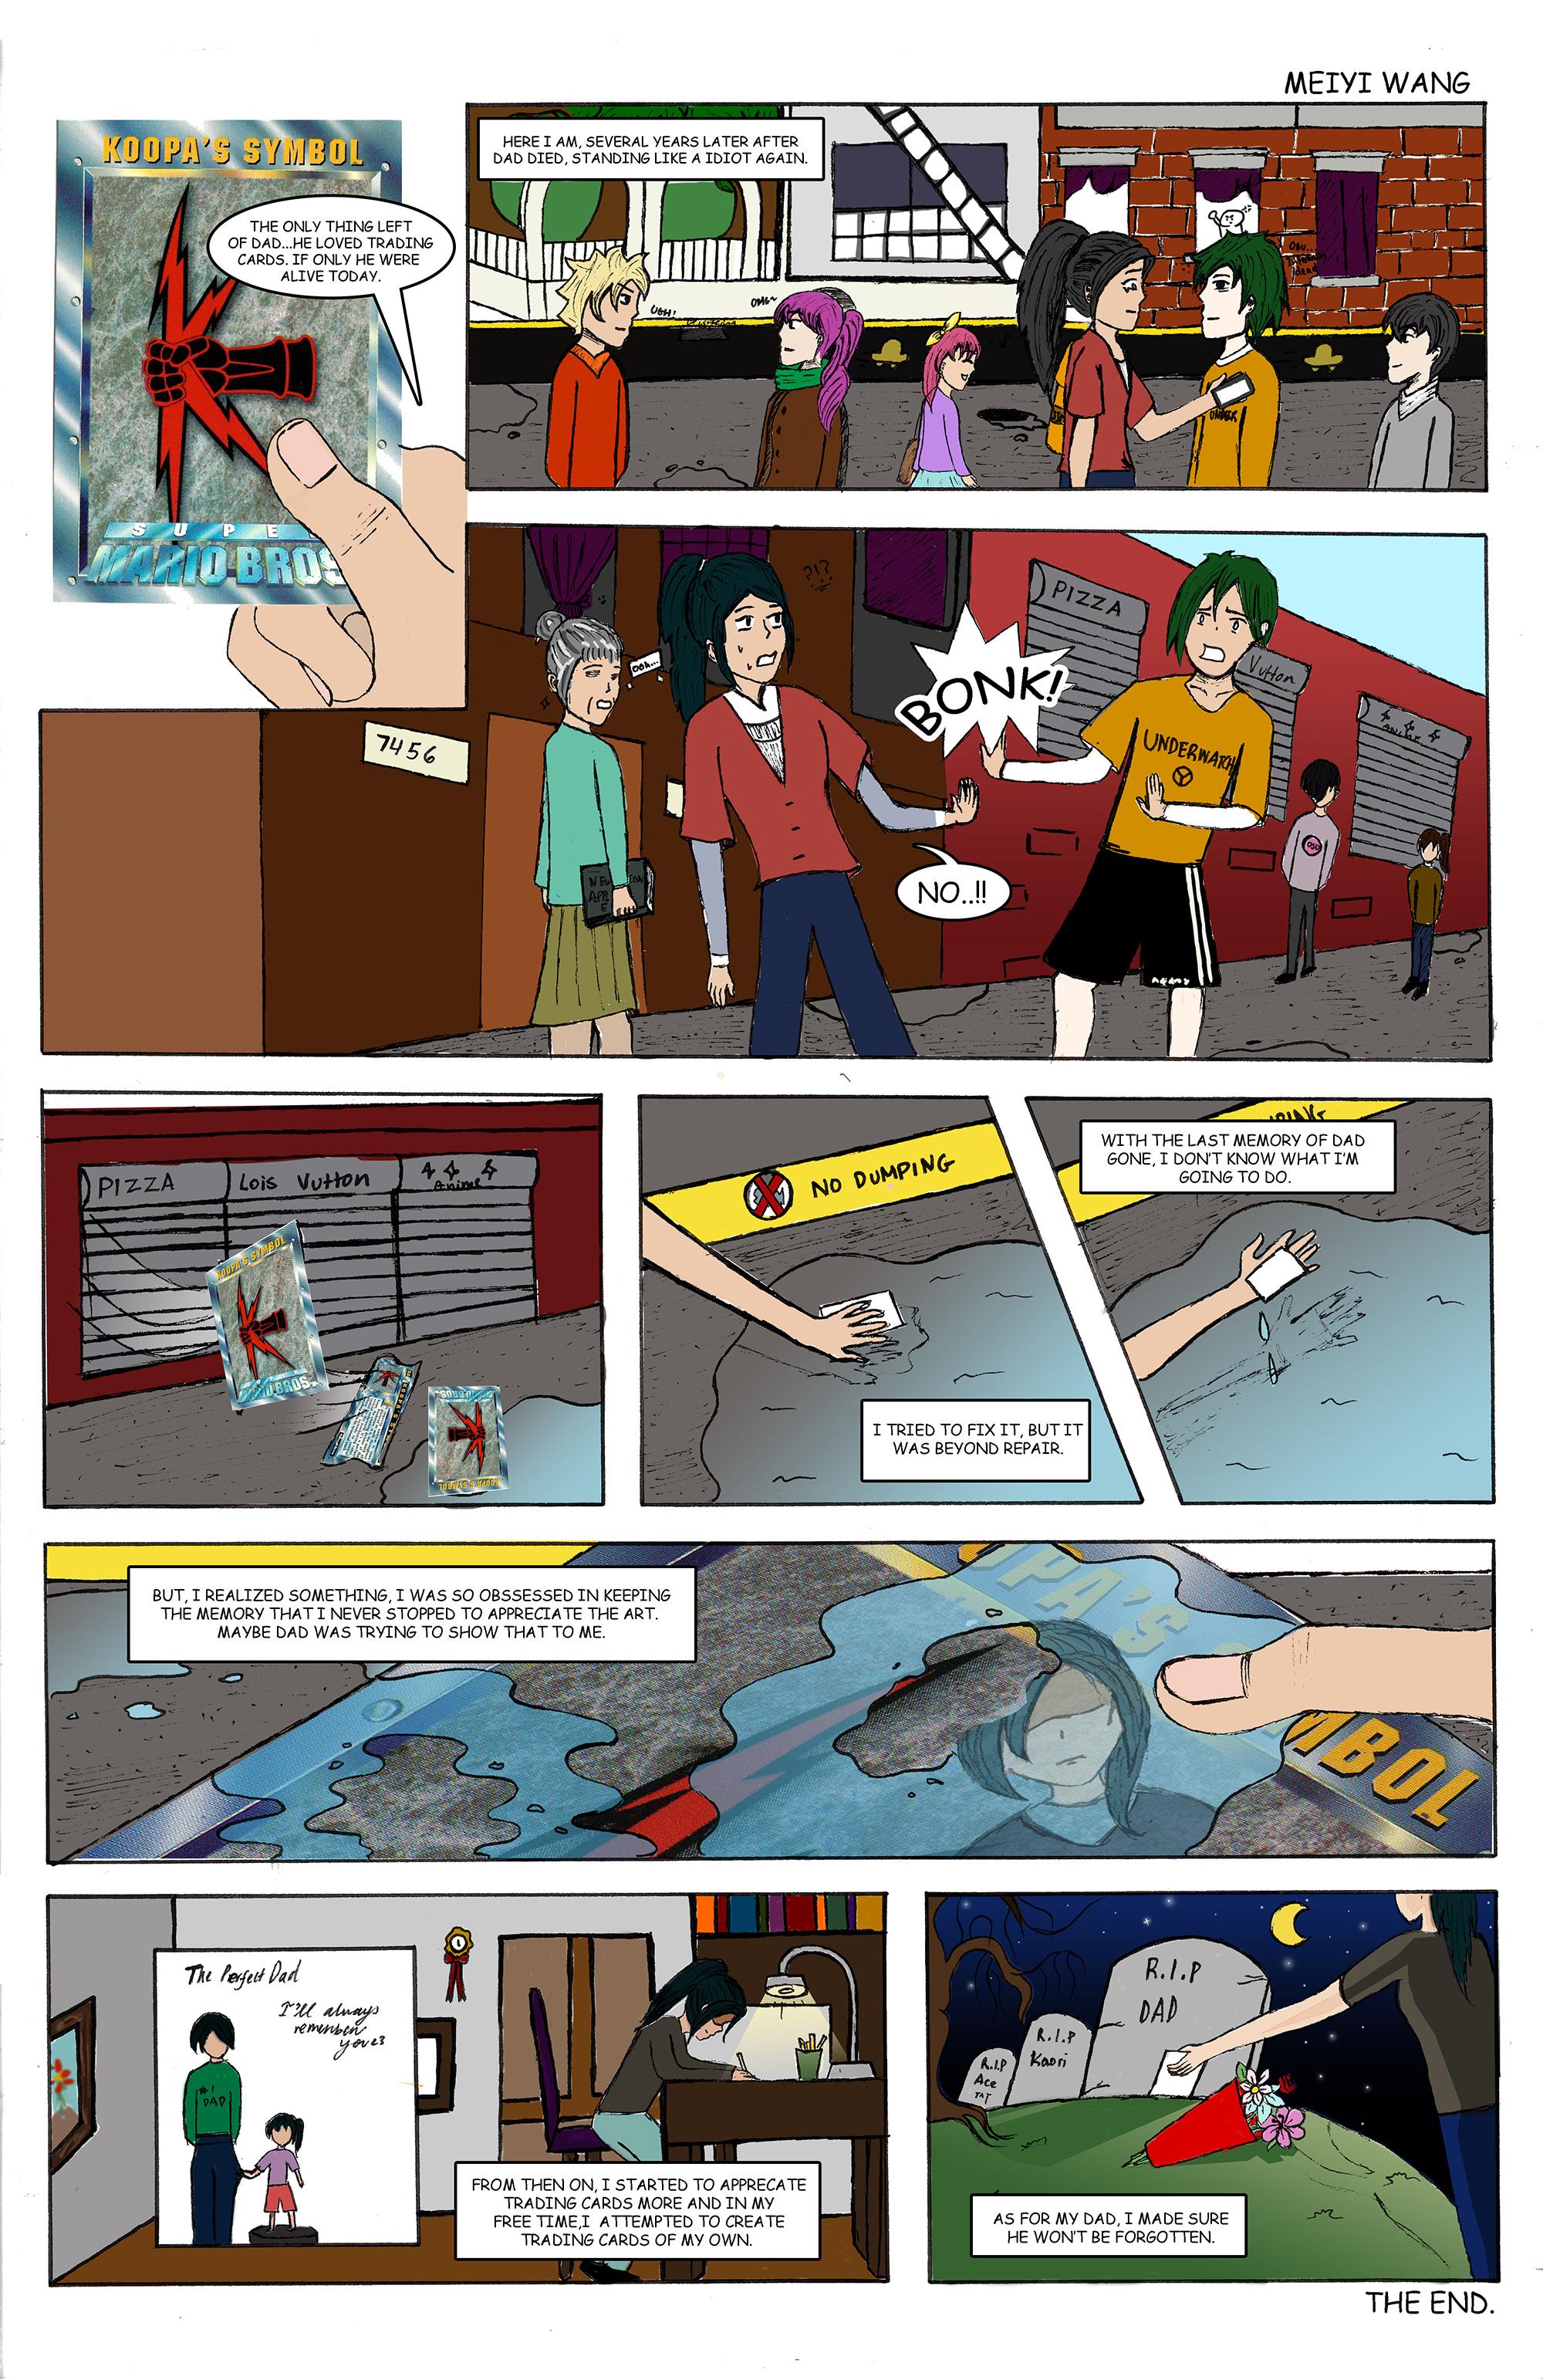 Comic by Meiyi Wang